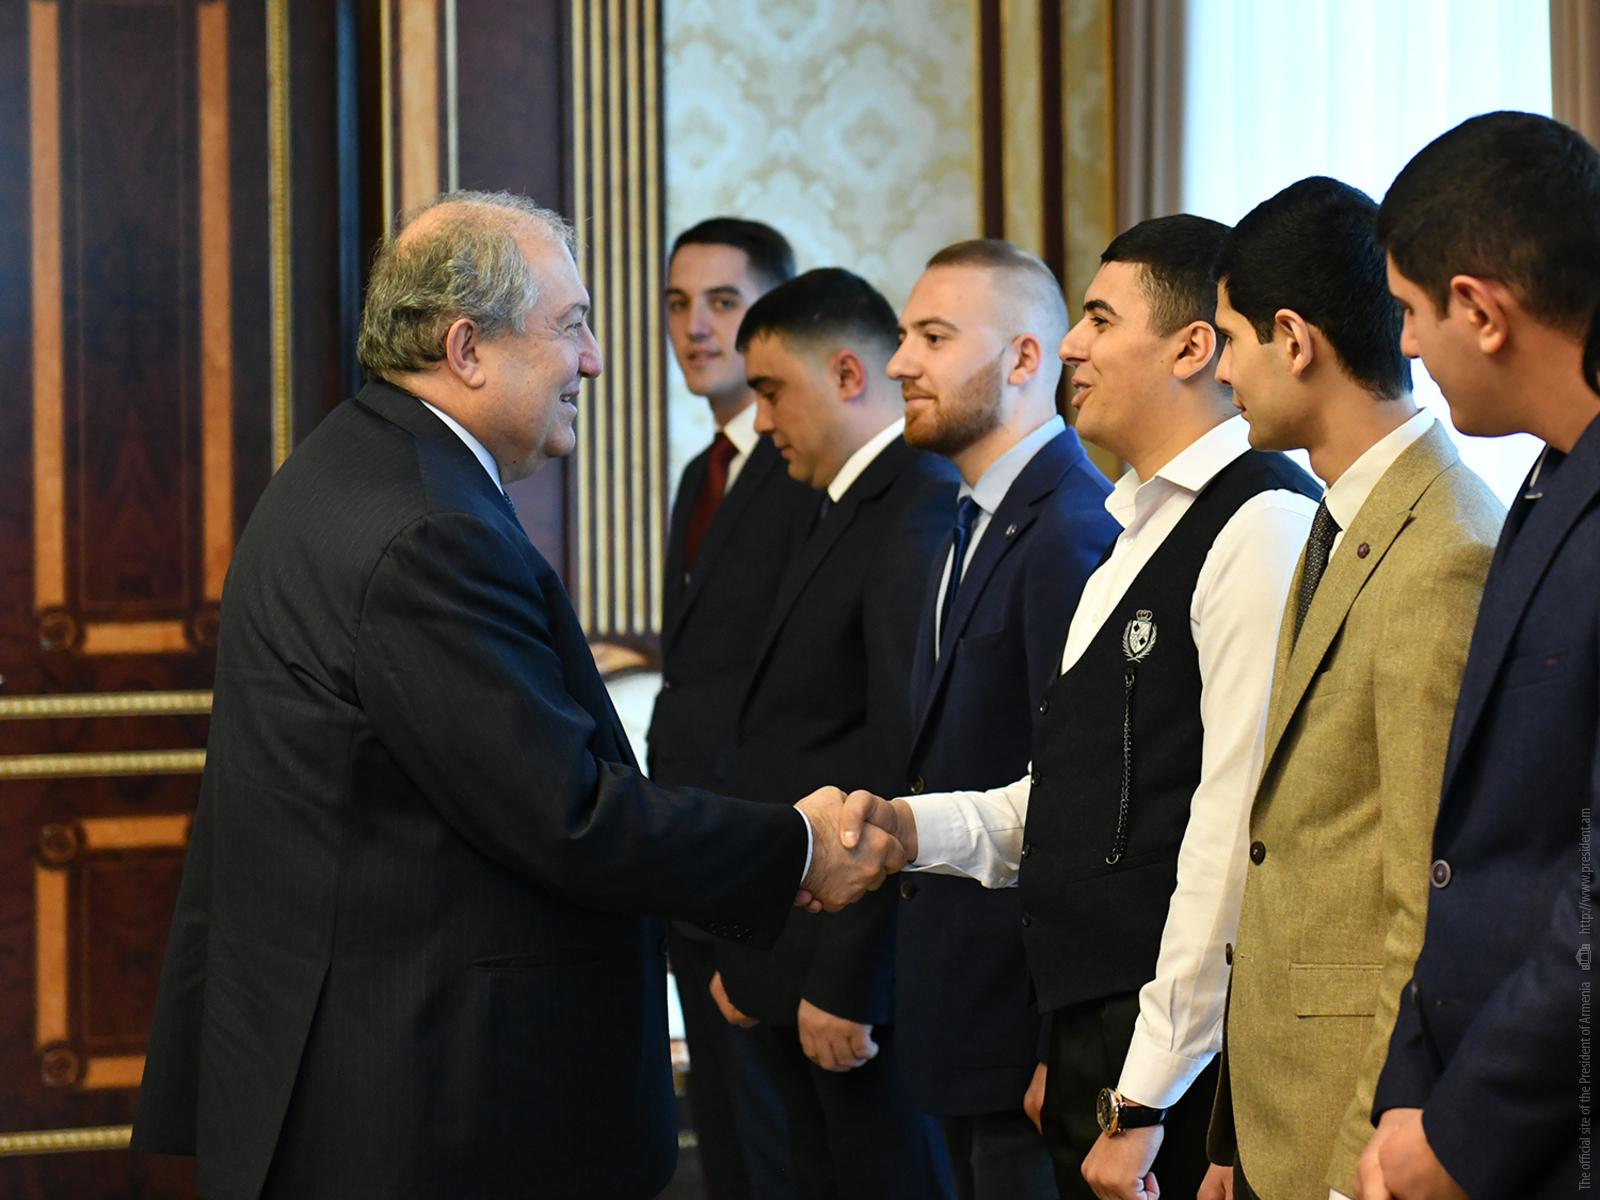 «Войну выигрывают не только оружием»: президент Армении встретился с участниками Апрельской войны 2016 года